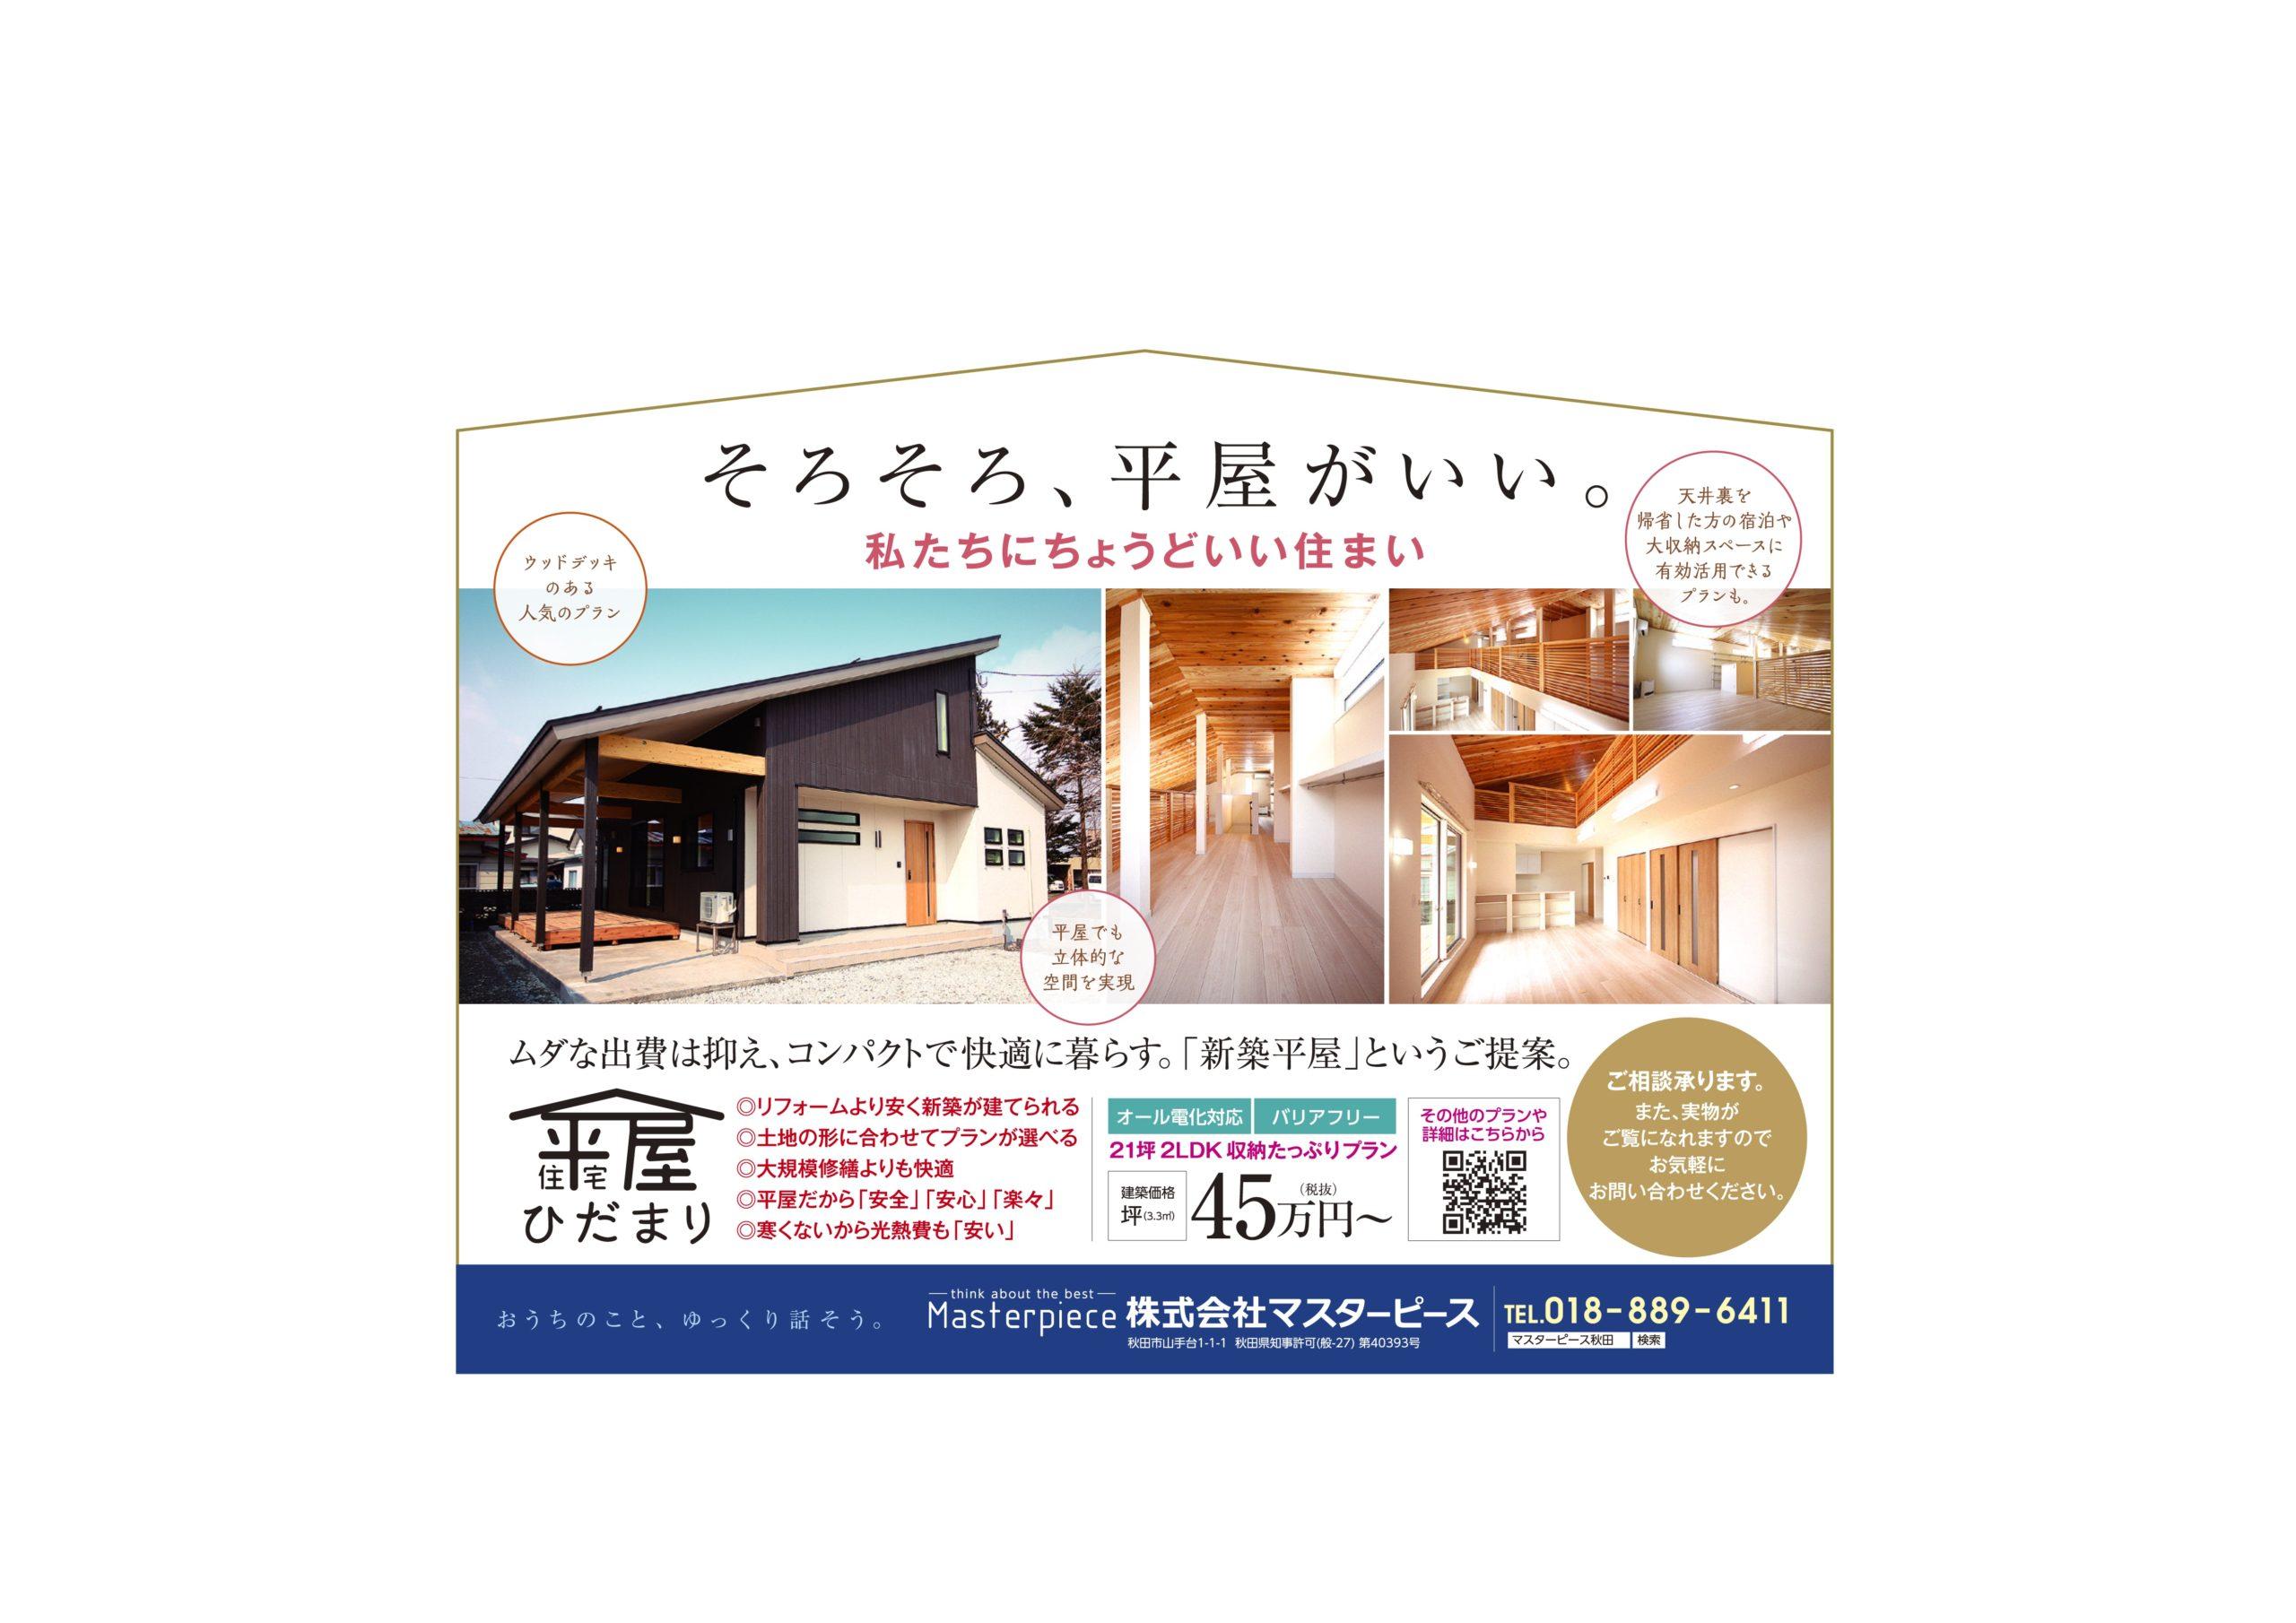 秋田 マスターピース